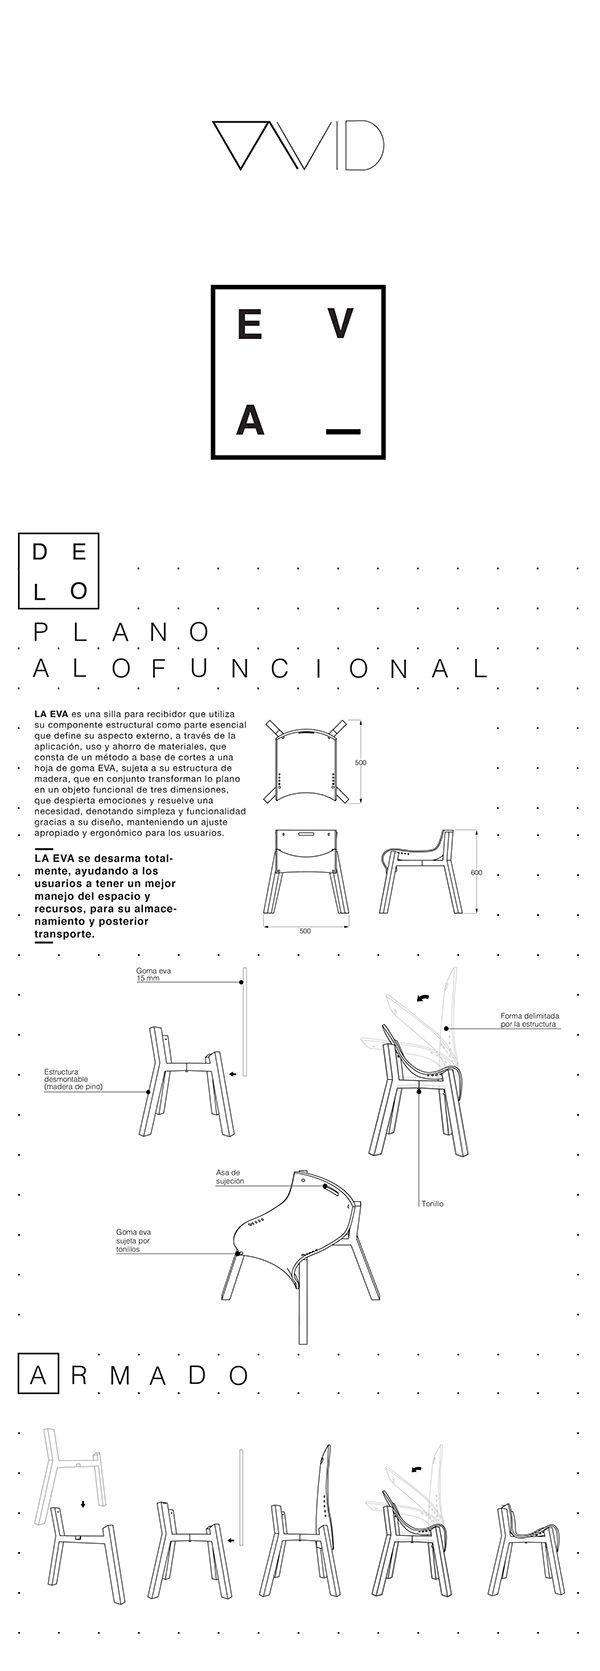 La Eva es una silla para recibidor que utiliza su componente estructural como parte esencial que define su aspecto externo, a través de la aplicación, uso y ahorro de materiales, que consta de un método a base de cortes a una hoja de goma EVA, sujeta a…